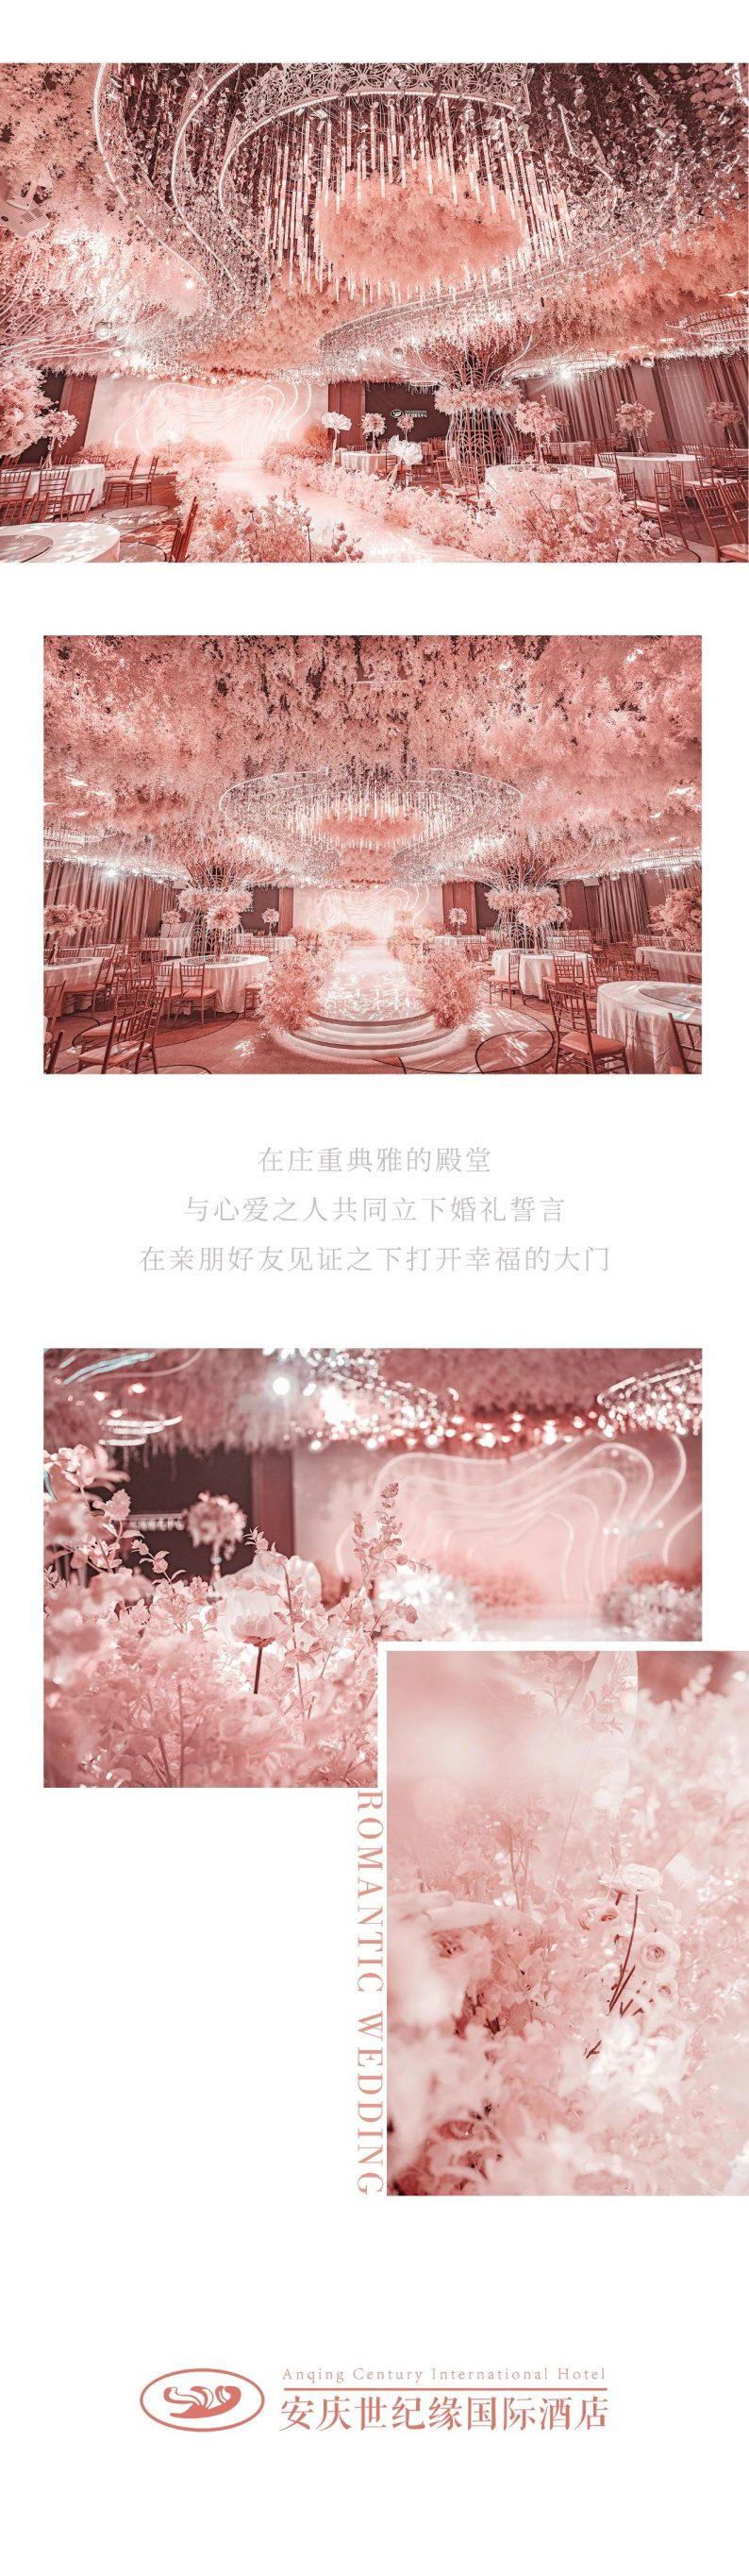 婚礼堂发布:3万方、12大宴会厅!安庆世纪缘国际酒店  第29张